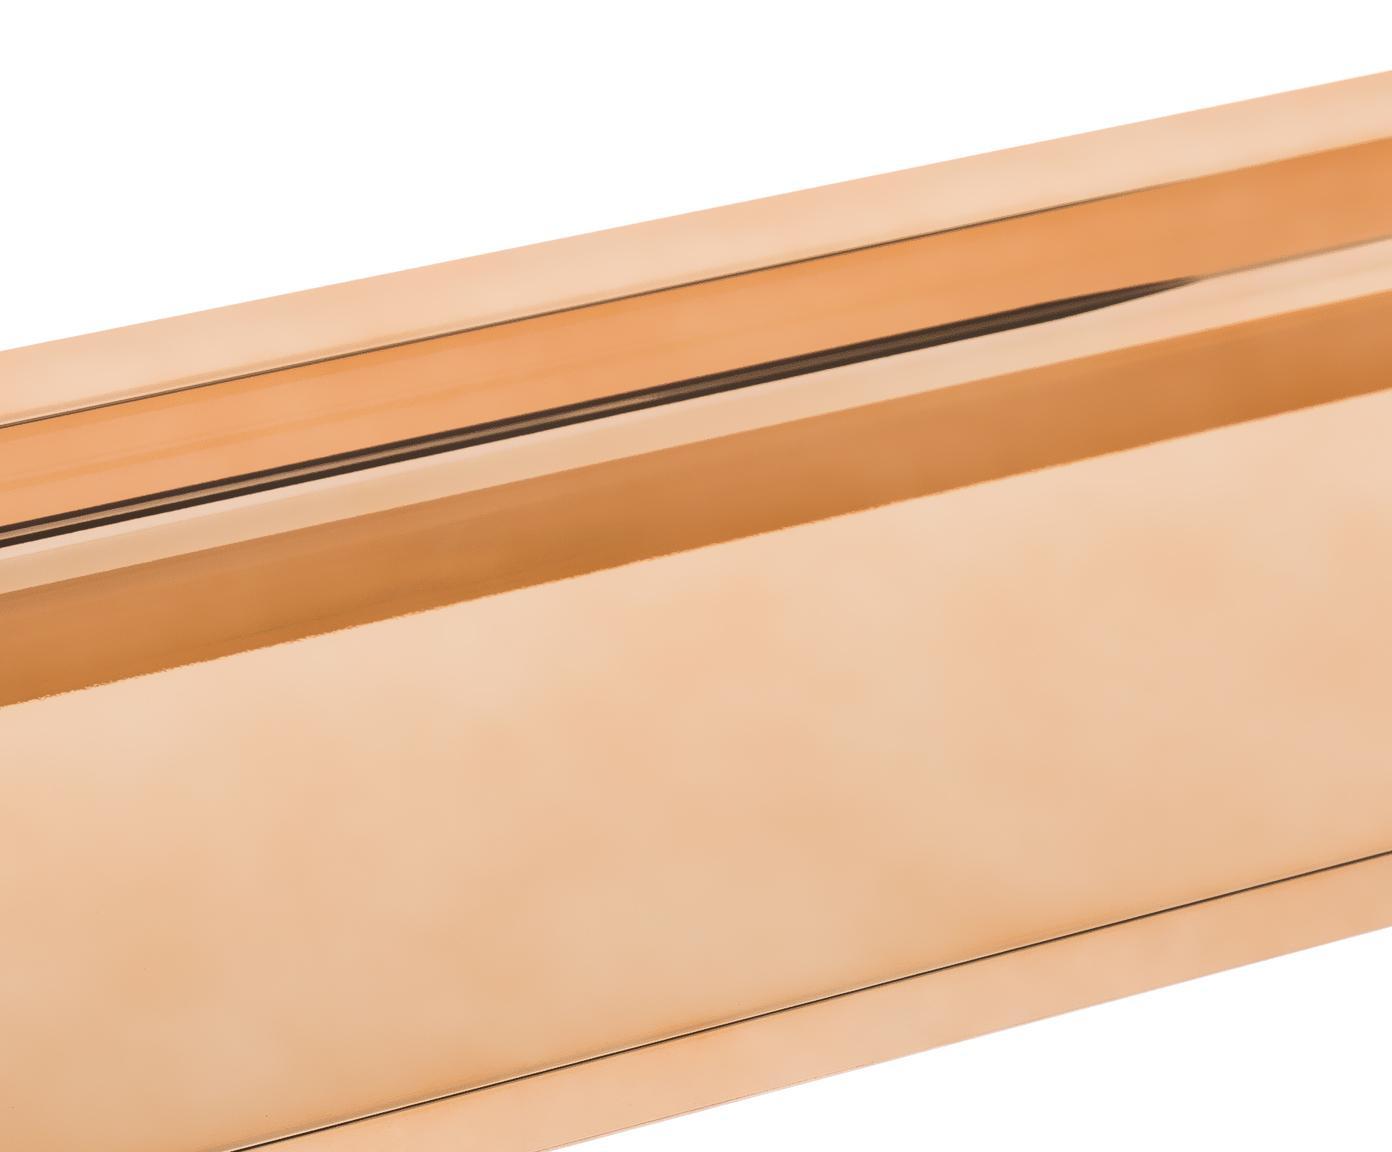 Półka ścienna Shelfish, Tworzywo sztuczne, Odcienie miedzianego, S 45 x W 4 cm